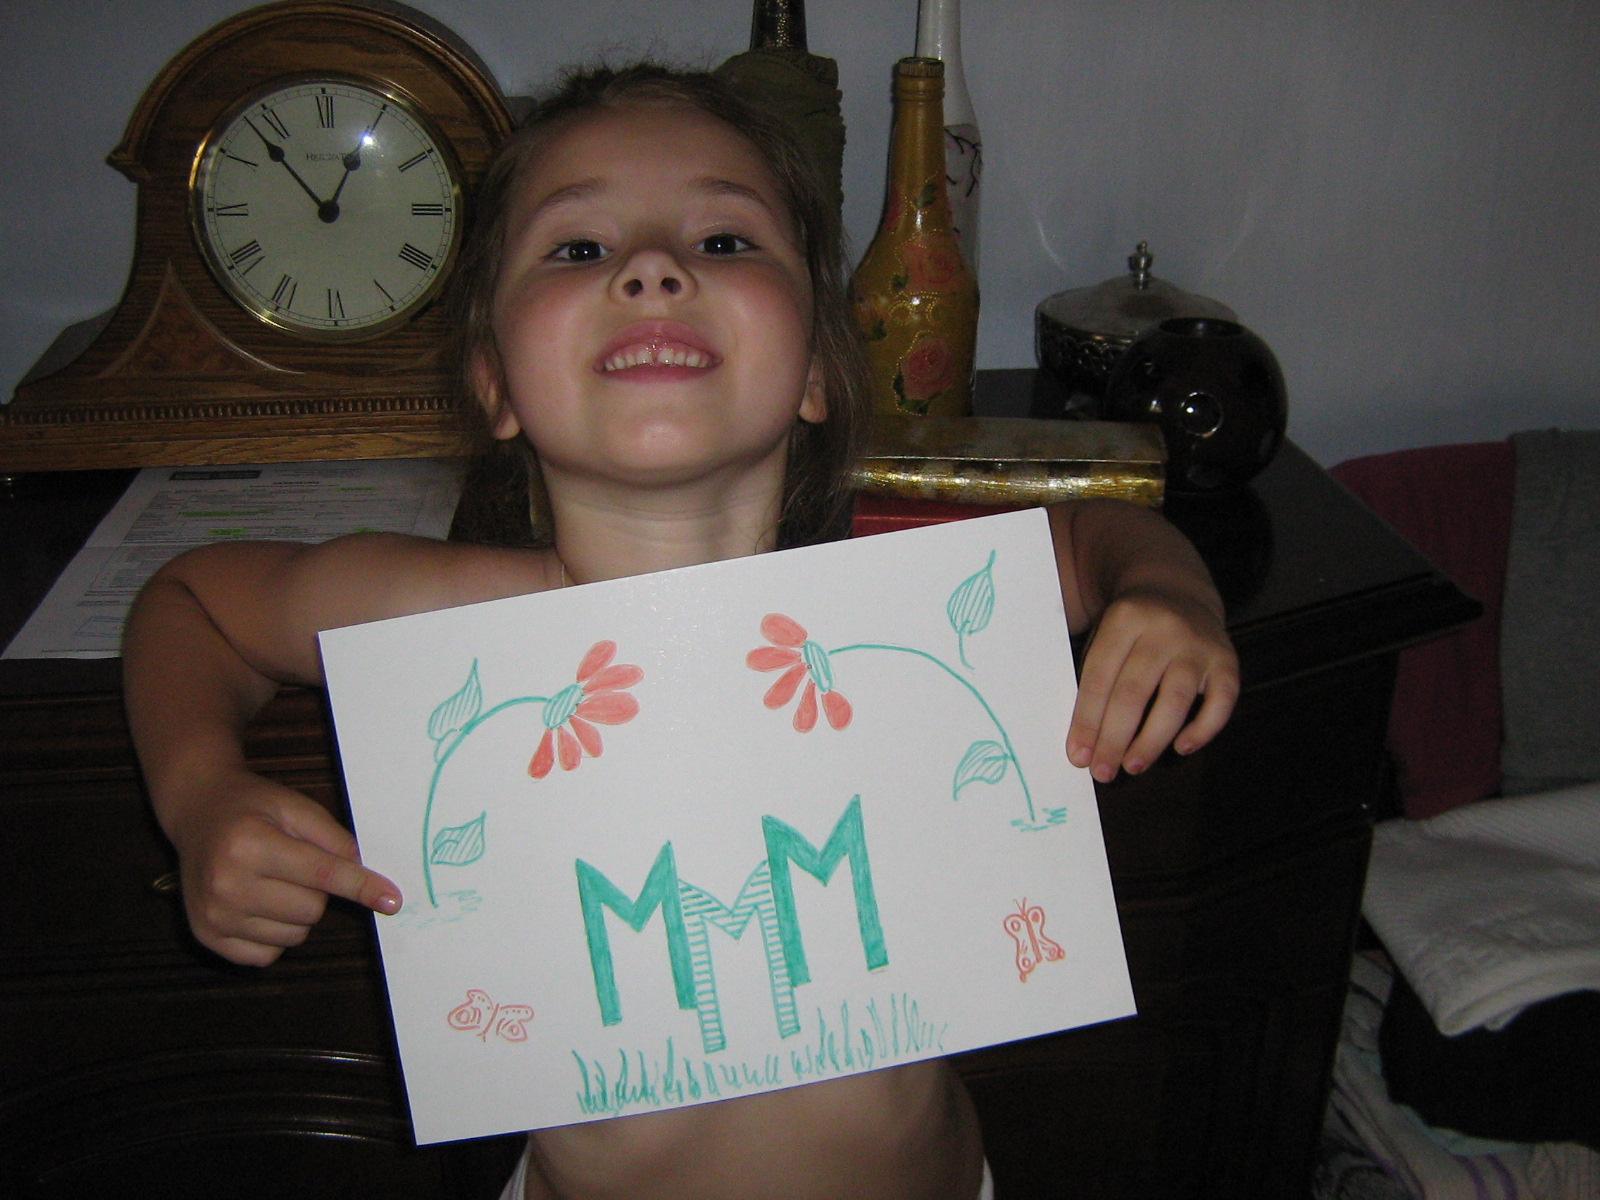 Второй вклад Михаила Ситнянского в МММ-2012